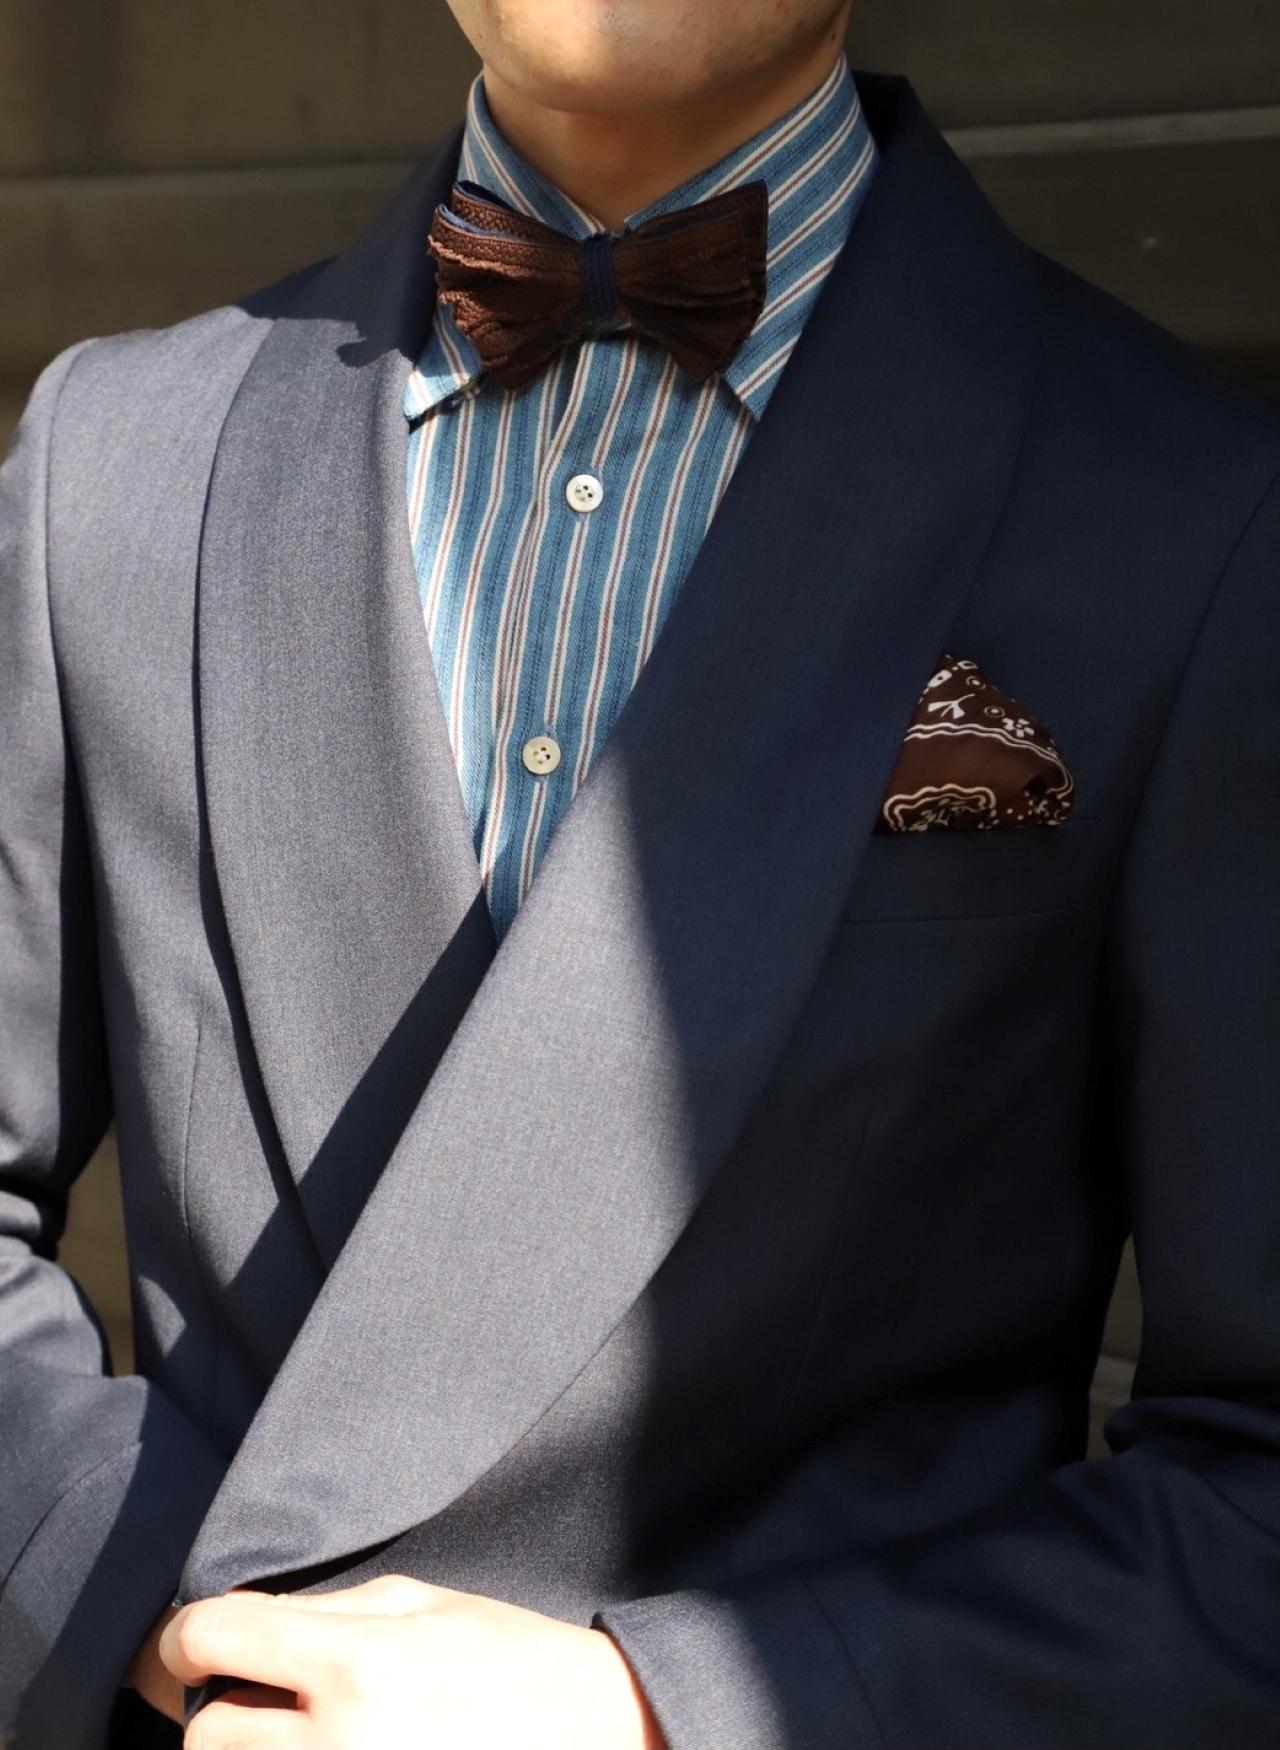 ザ・トリート・ドレッシングが提携するオリエンタルホテル神戸など格式の高い結婚式でのお色直しのスタイルは、ハンドレッド(100HANDS)のネイビーのドレスシャツを使ったパーティスタイリングがおすすめです。